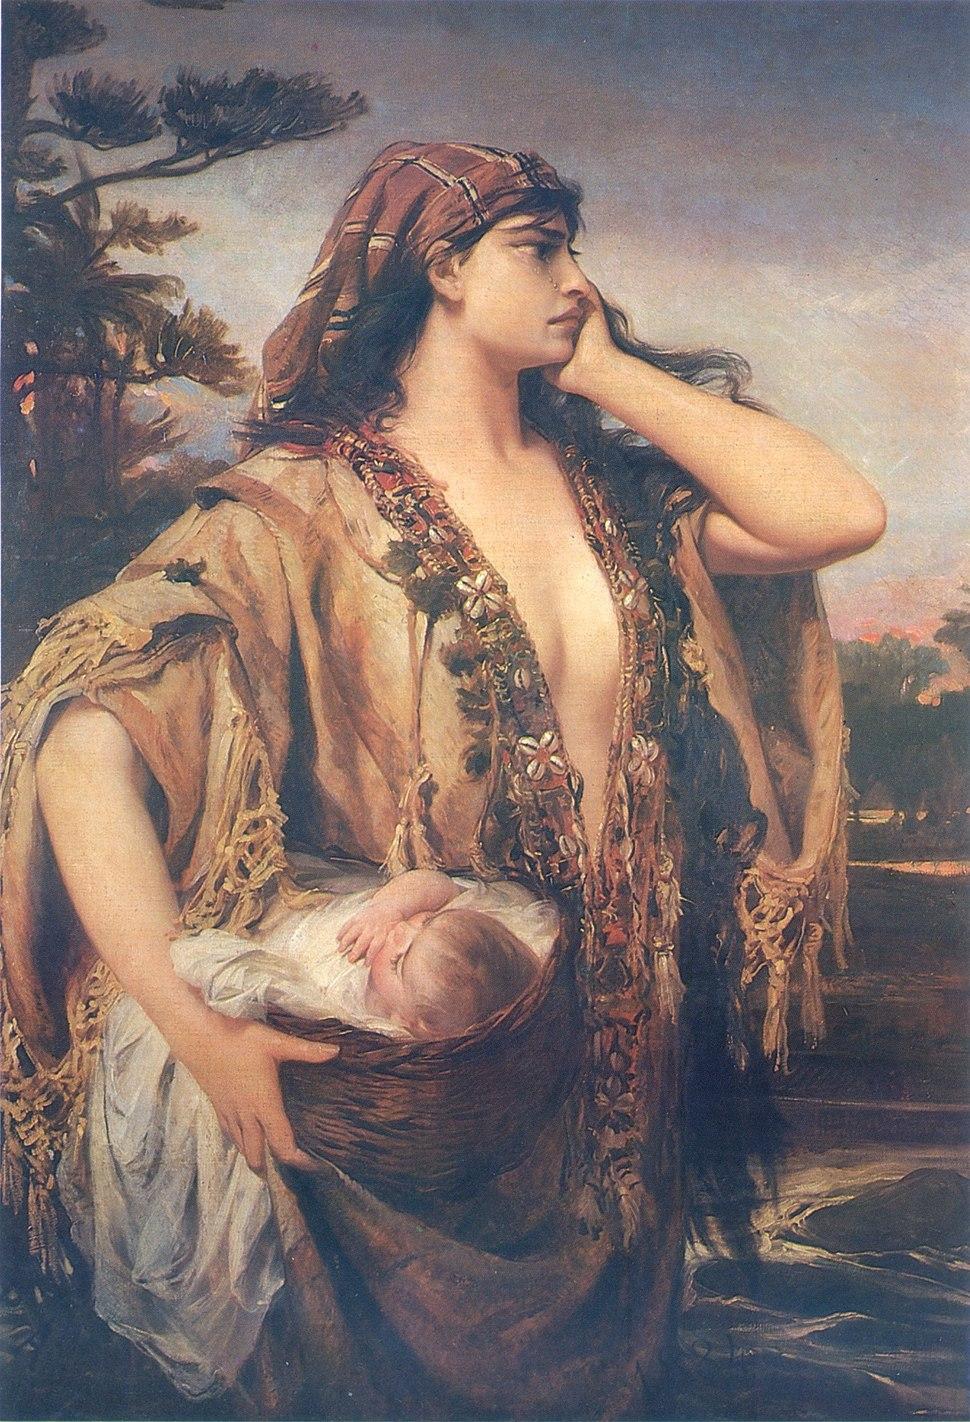 Pedro Américo - Misés e Jocabed - 1884